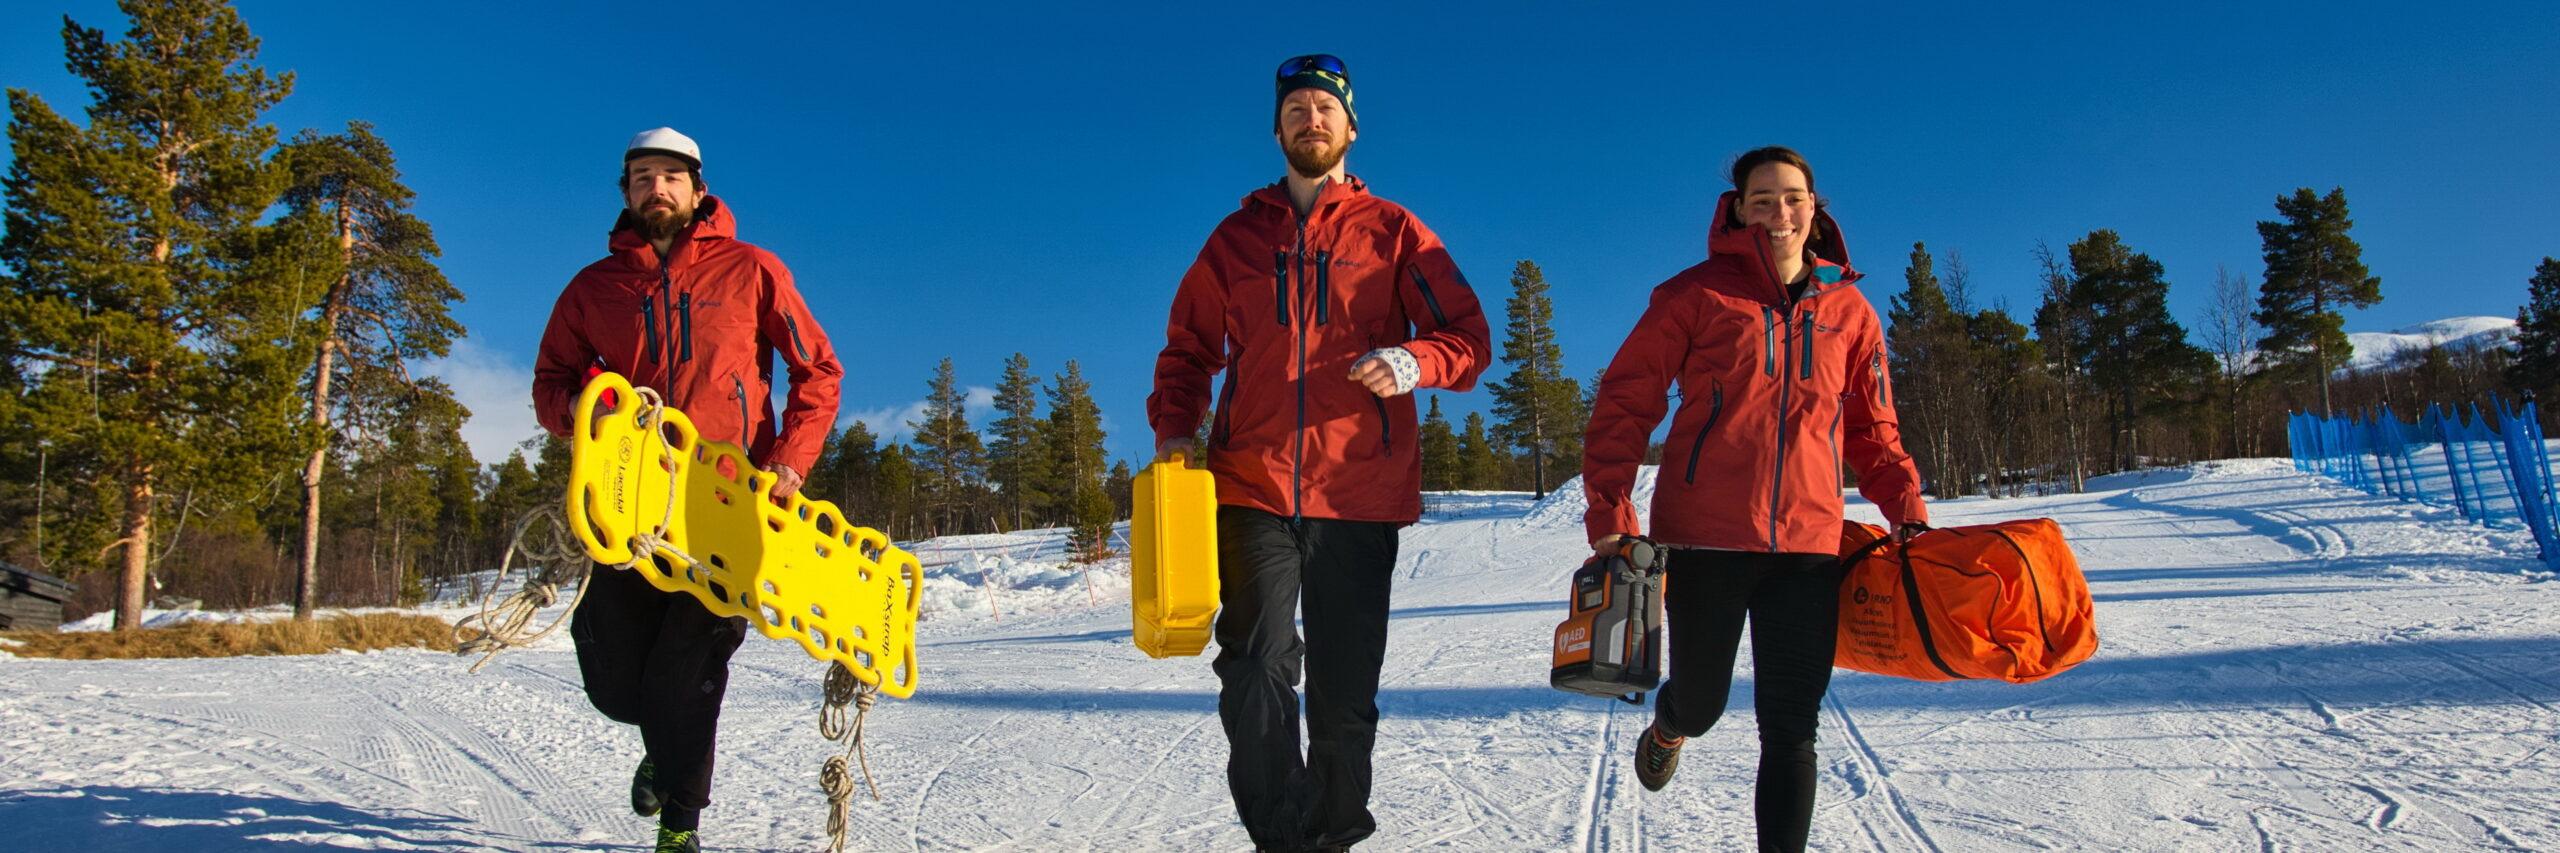 Klassetur i Norge med spennende naturbaserte opplevelser rafting, juving og kajakk